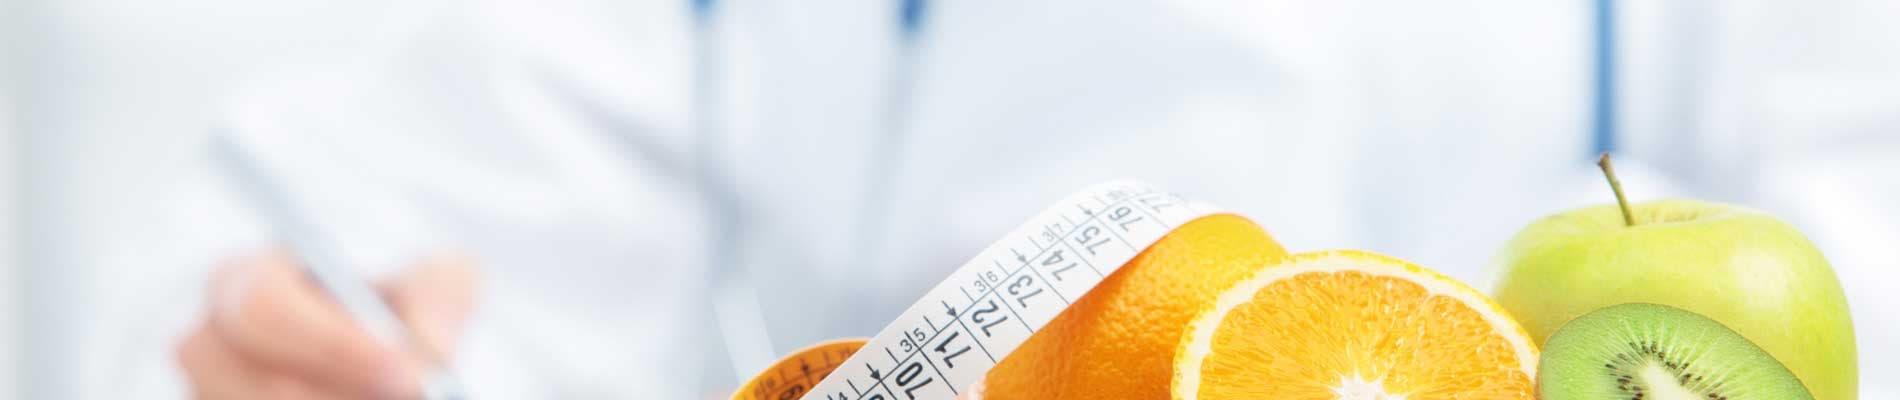 Dietética y alimentación